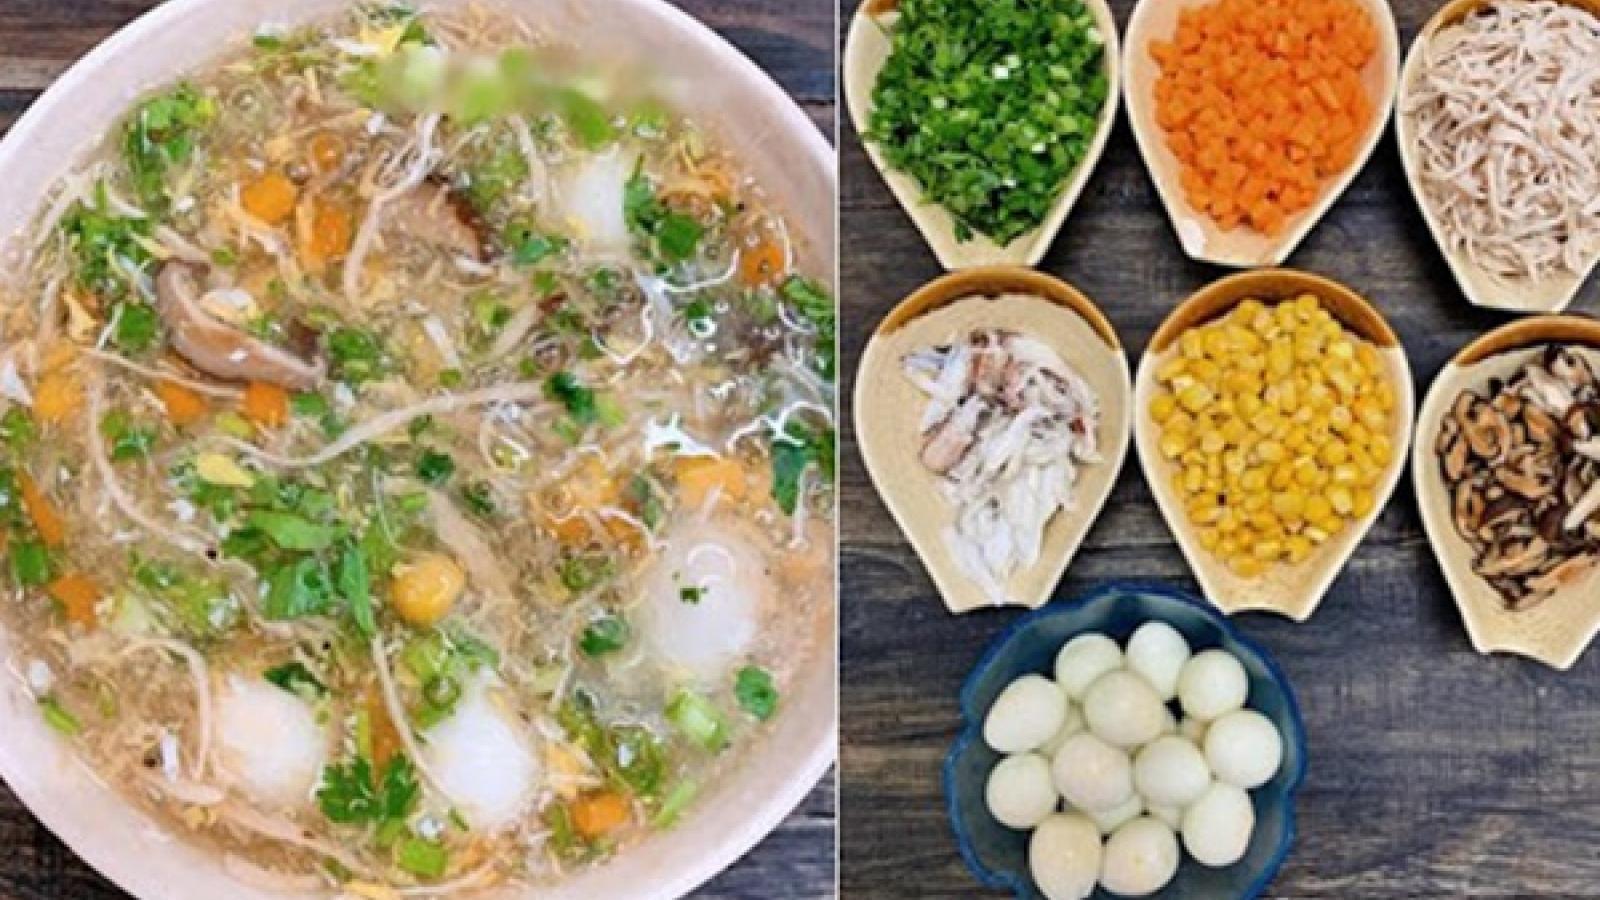 Hướng dẫn cách nấu súp gà nấm hương thơm ngon, bổ dưỡng